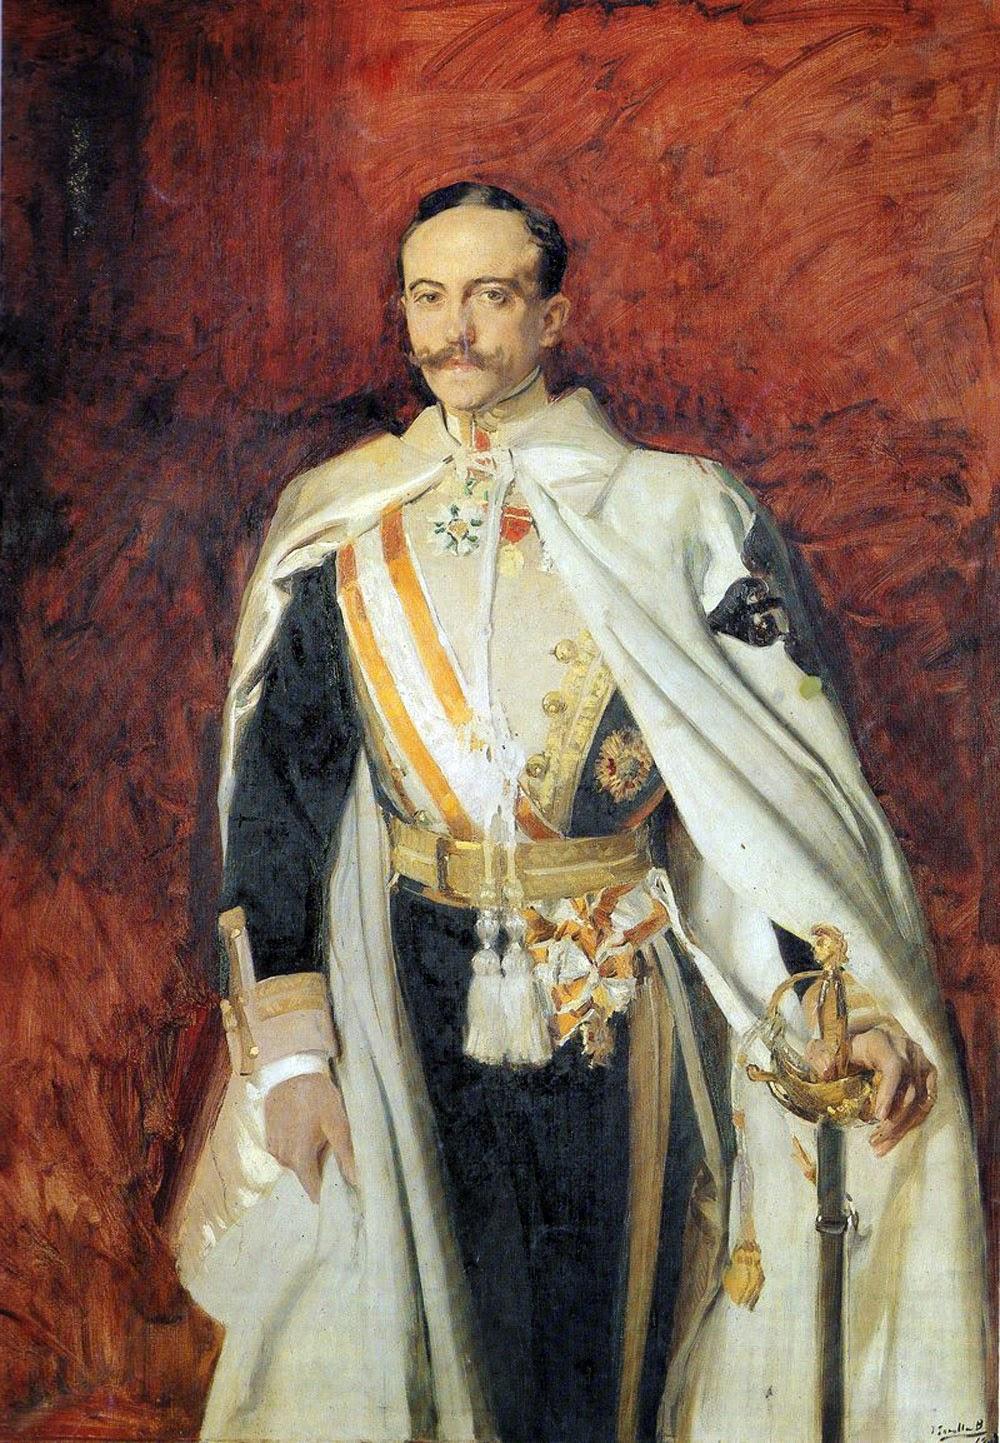 Estanislao de Urquijo y Usía